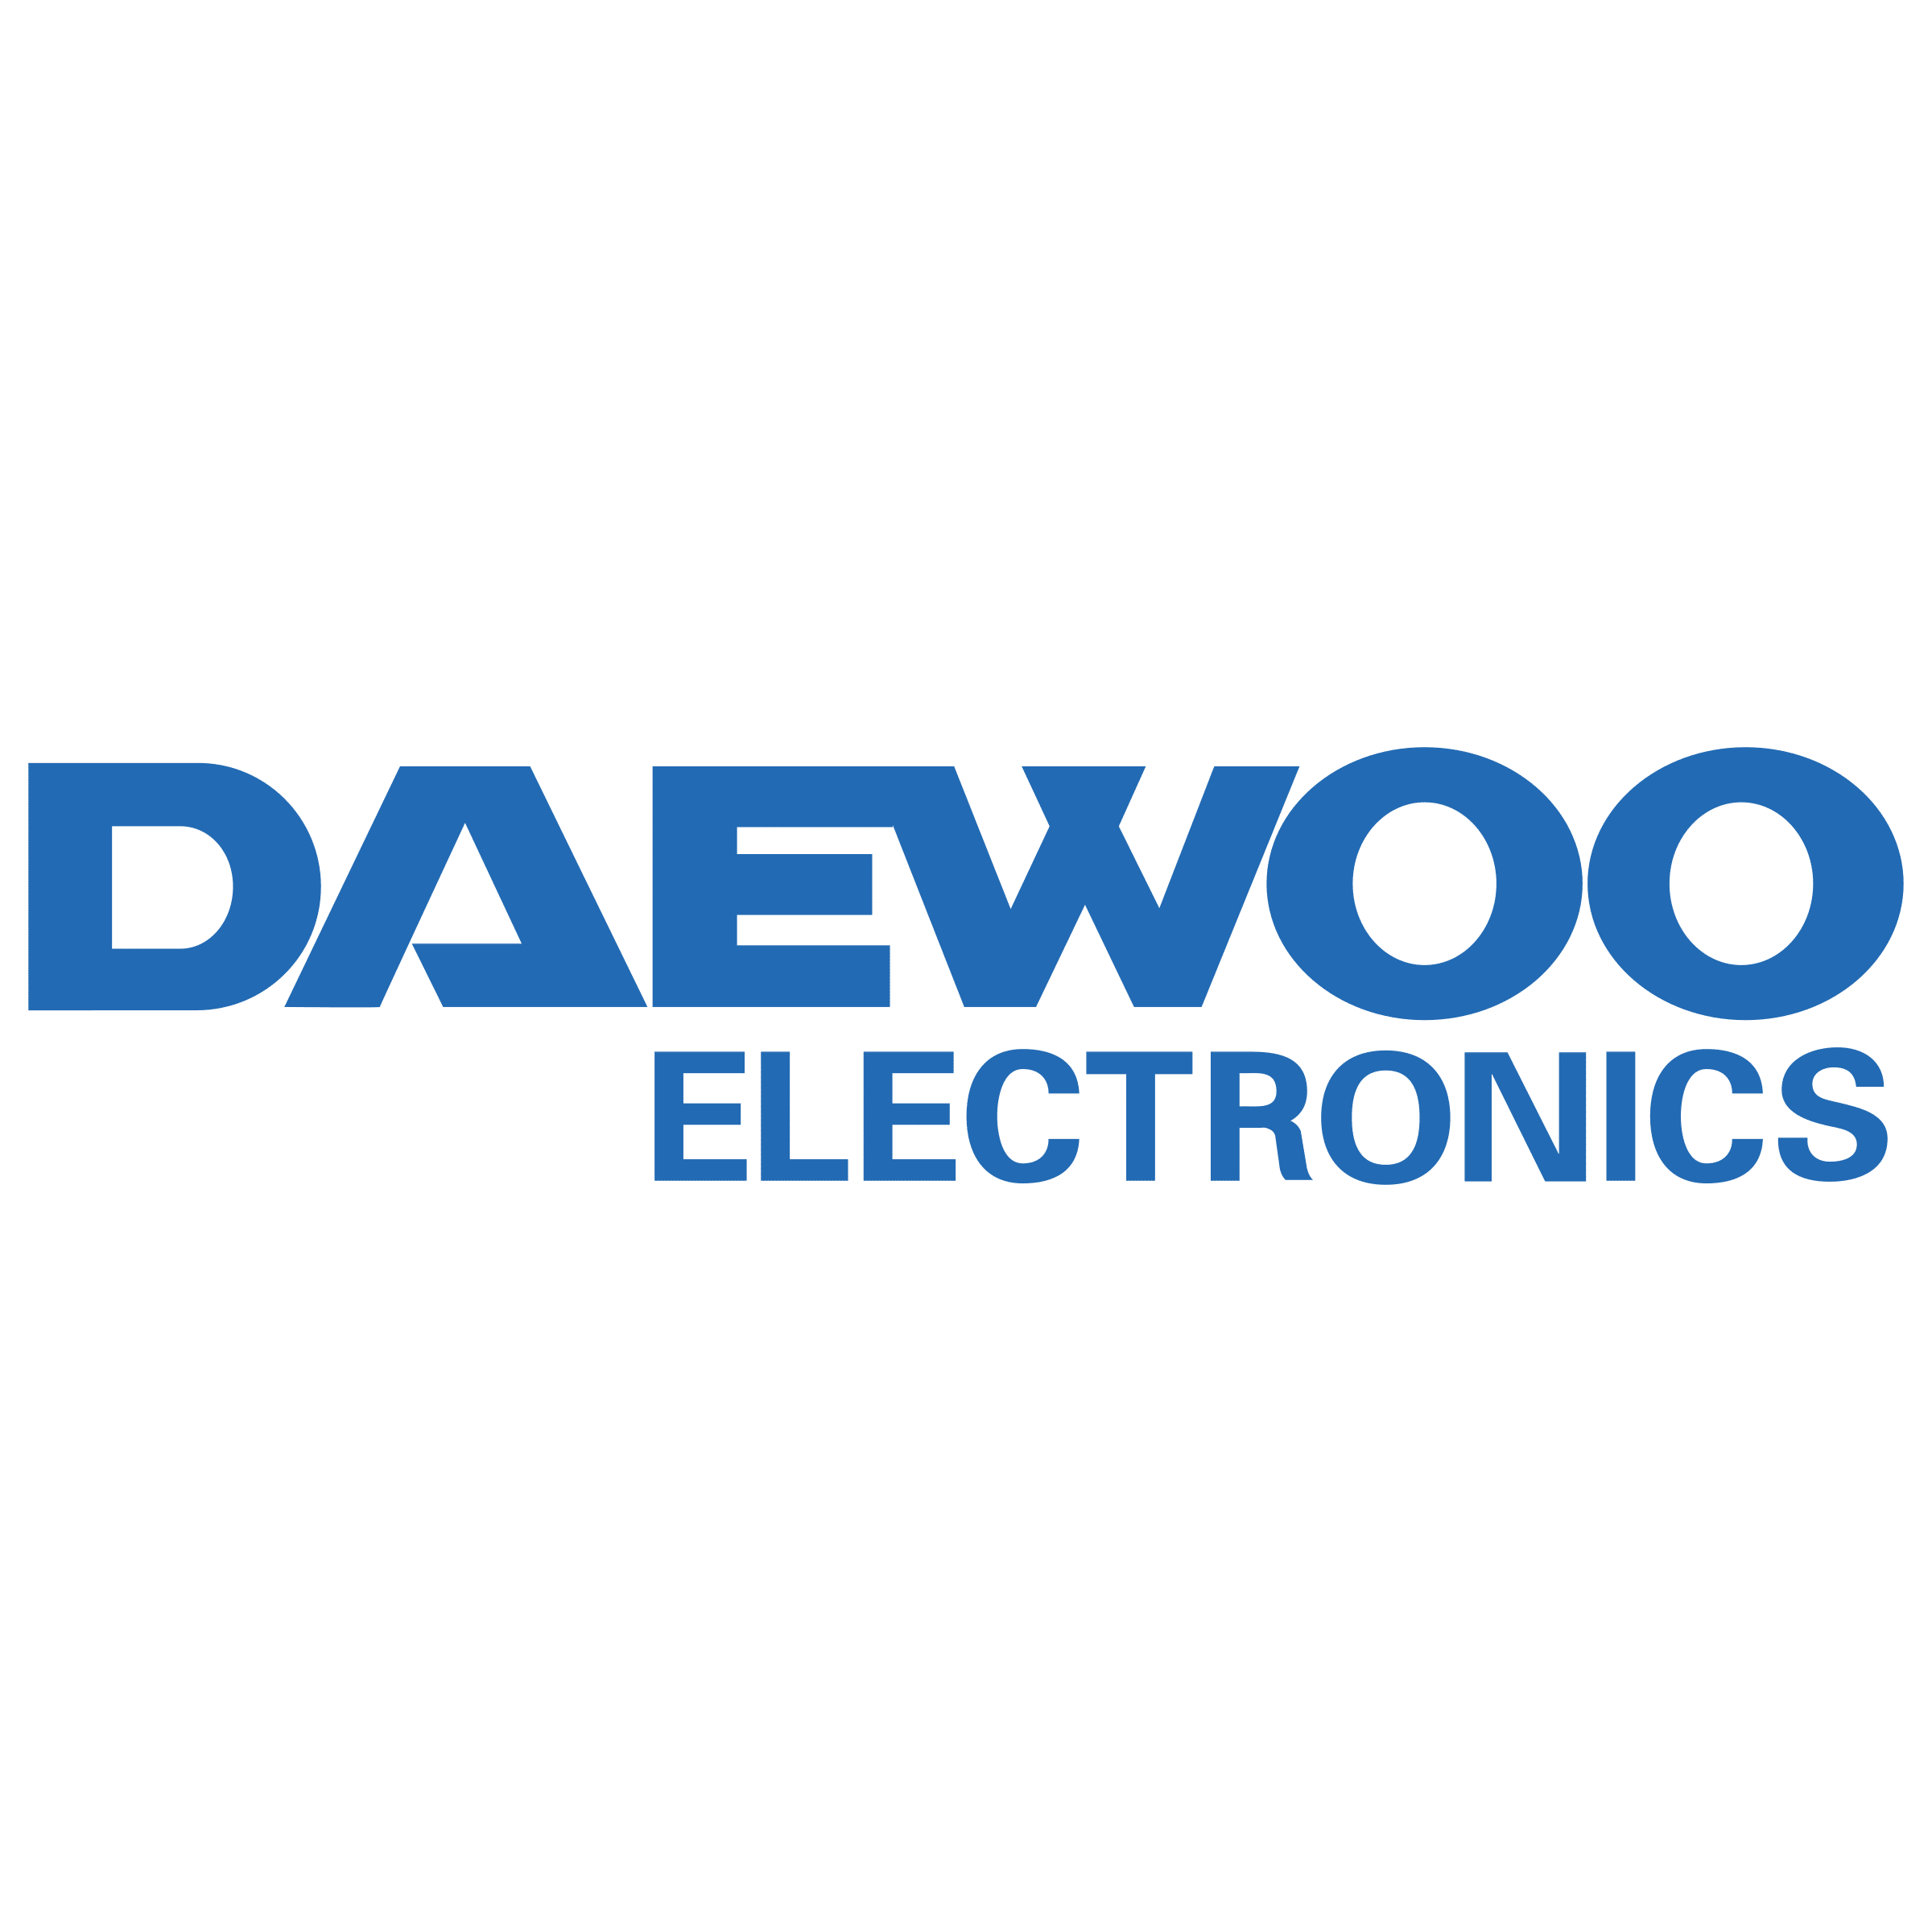 daewoo-electronics-1-logo-png-transparent